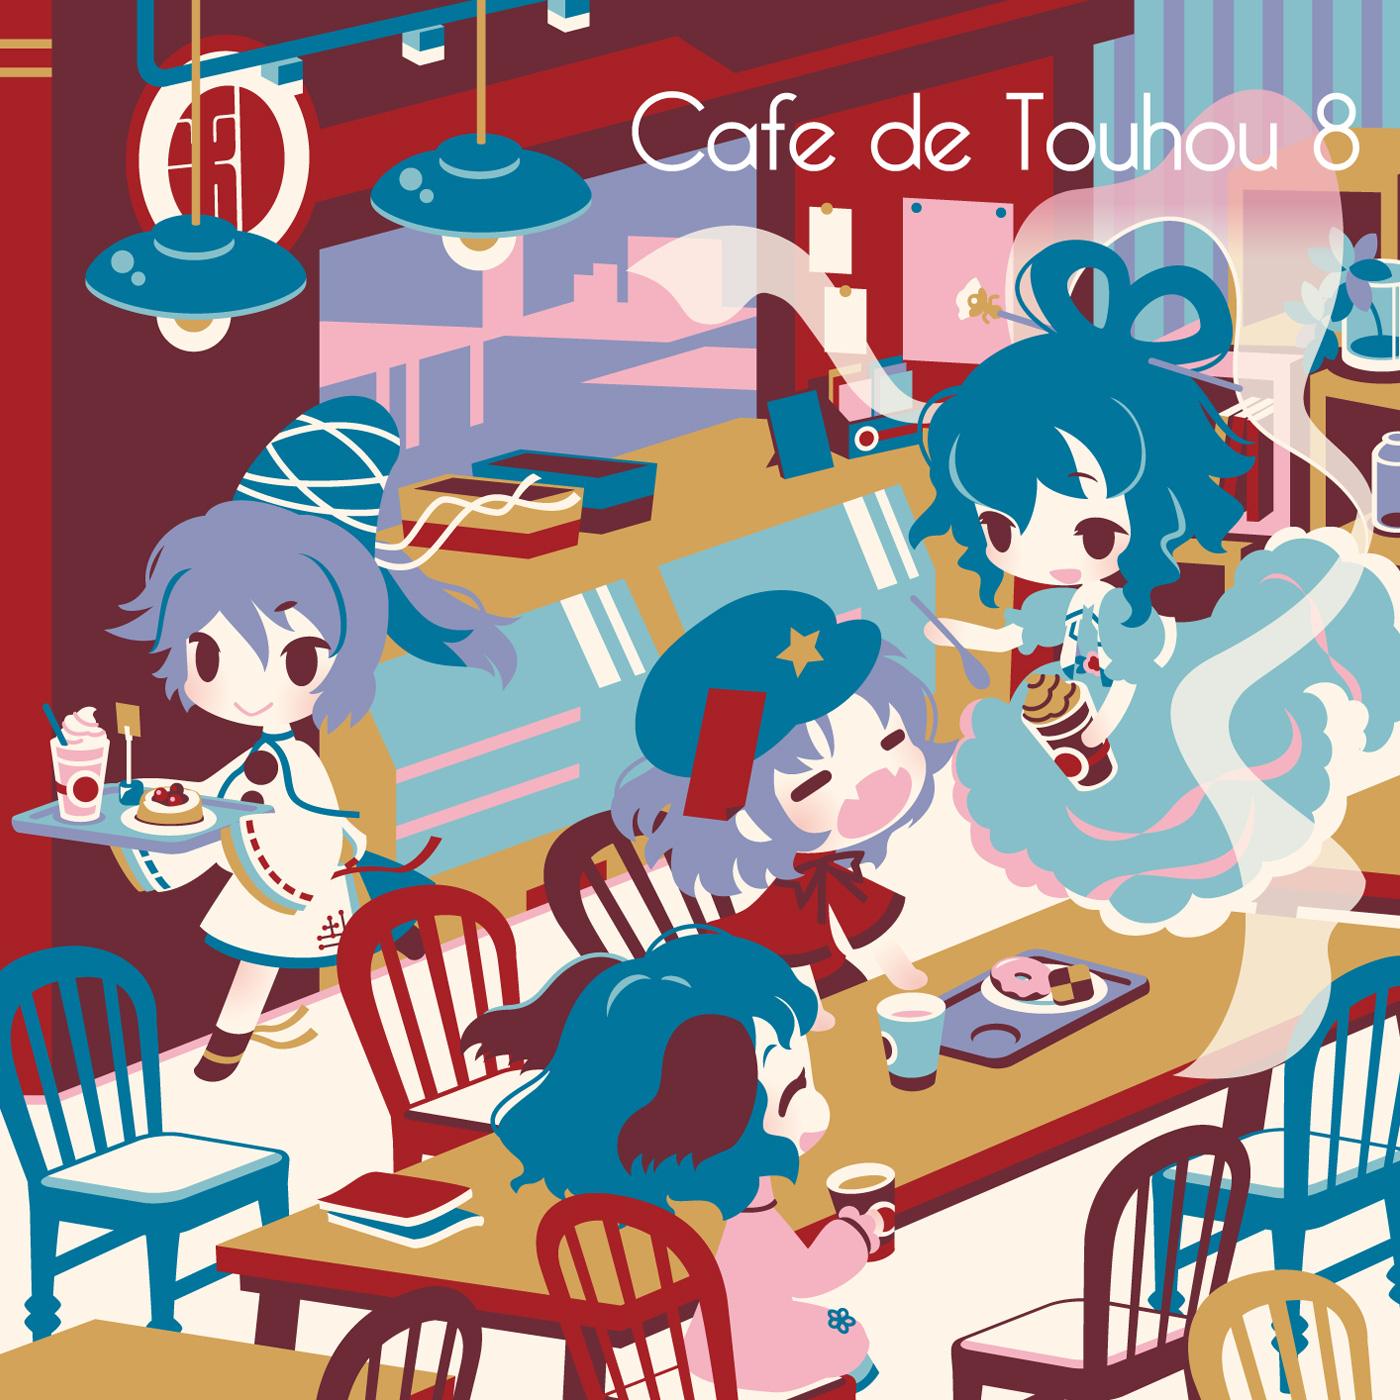 【紅楼夢/東方アレンジ】Cafe de Touhou 8